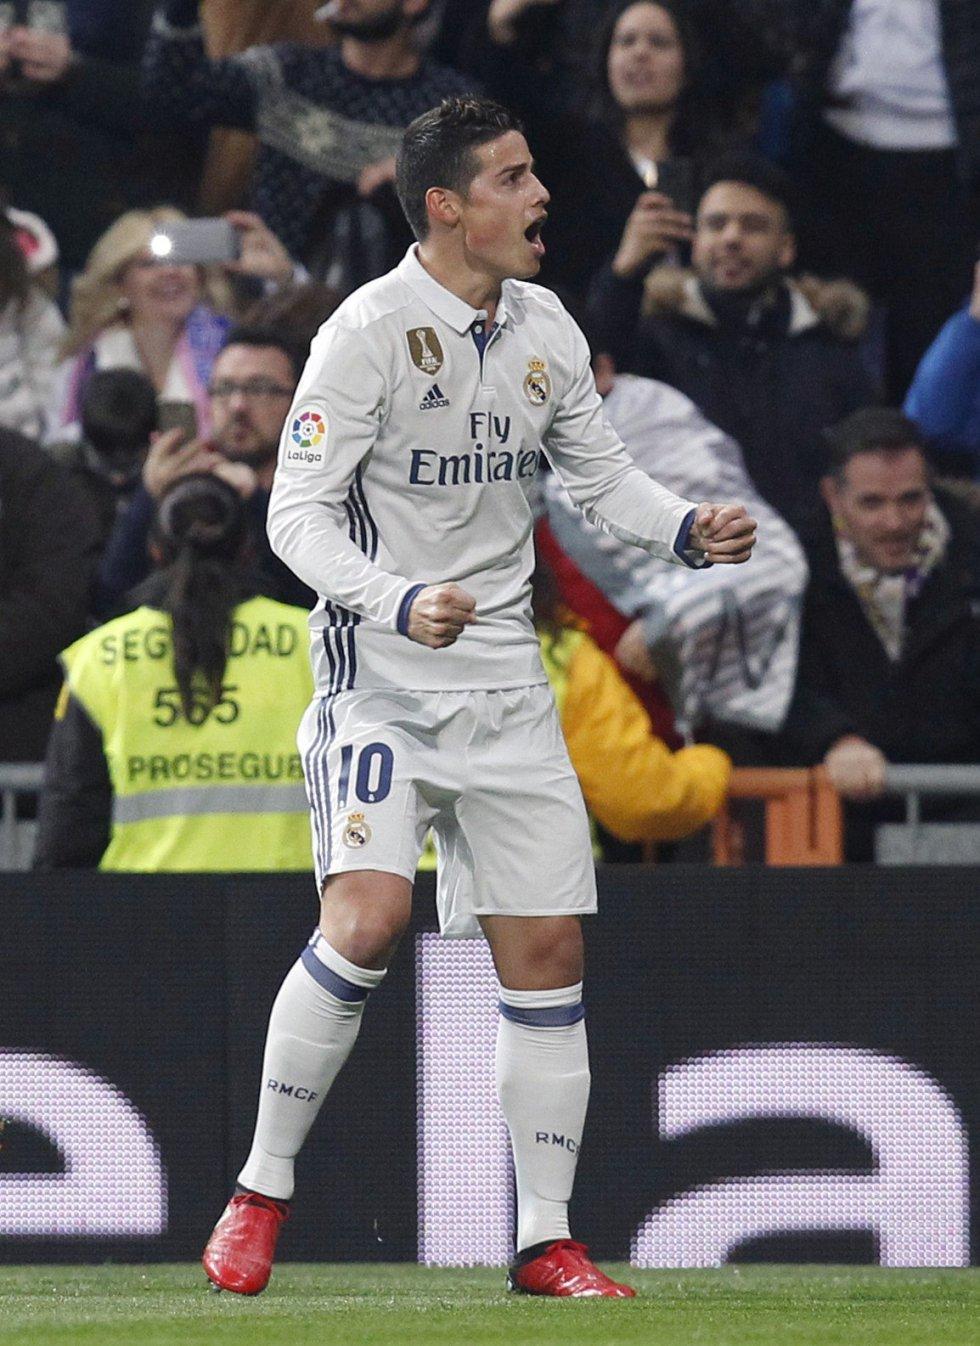 James llegó a cuatro goles con el Real Madrid en la presente temporada.